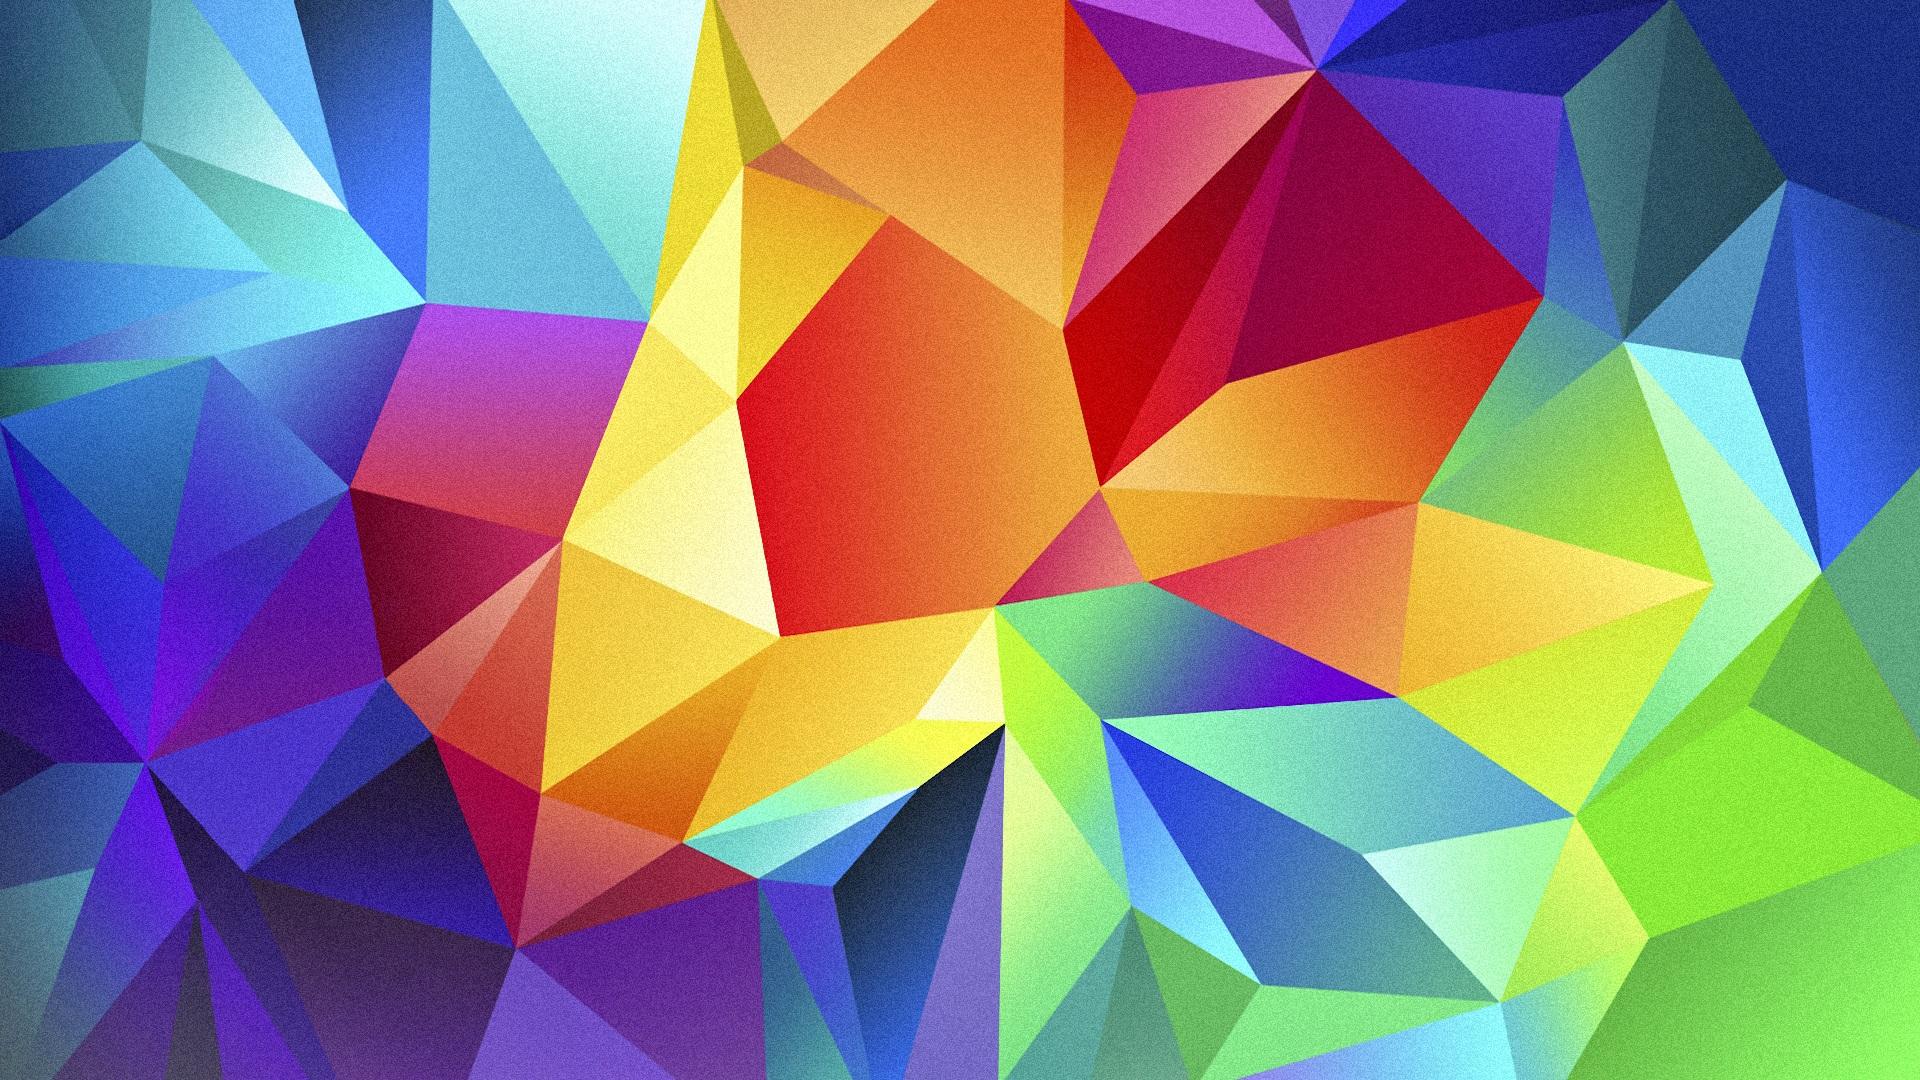 Download Samsung Galaxy S5 Wallpapers   Lirentnet 1920x1080